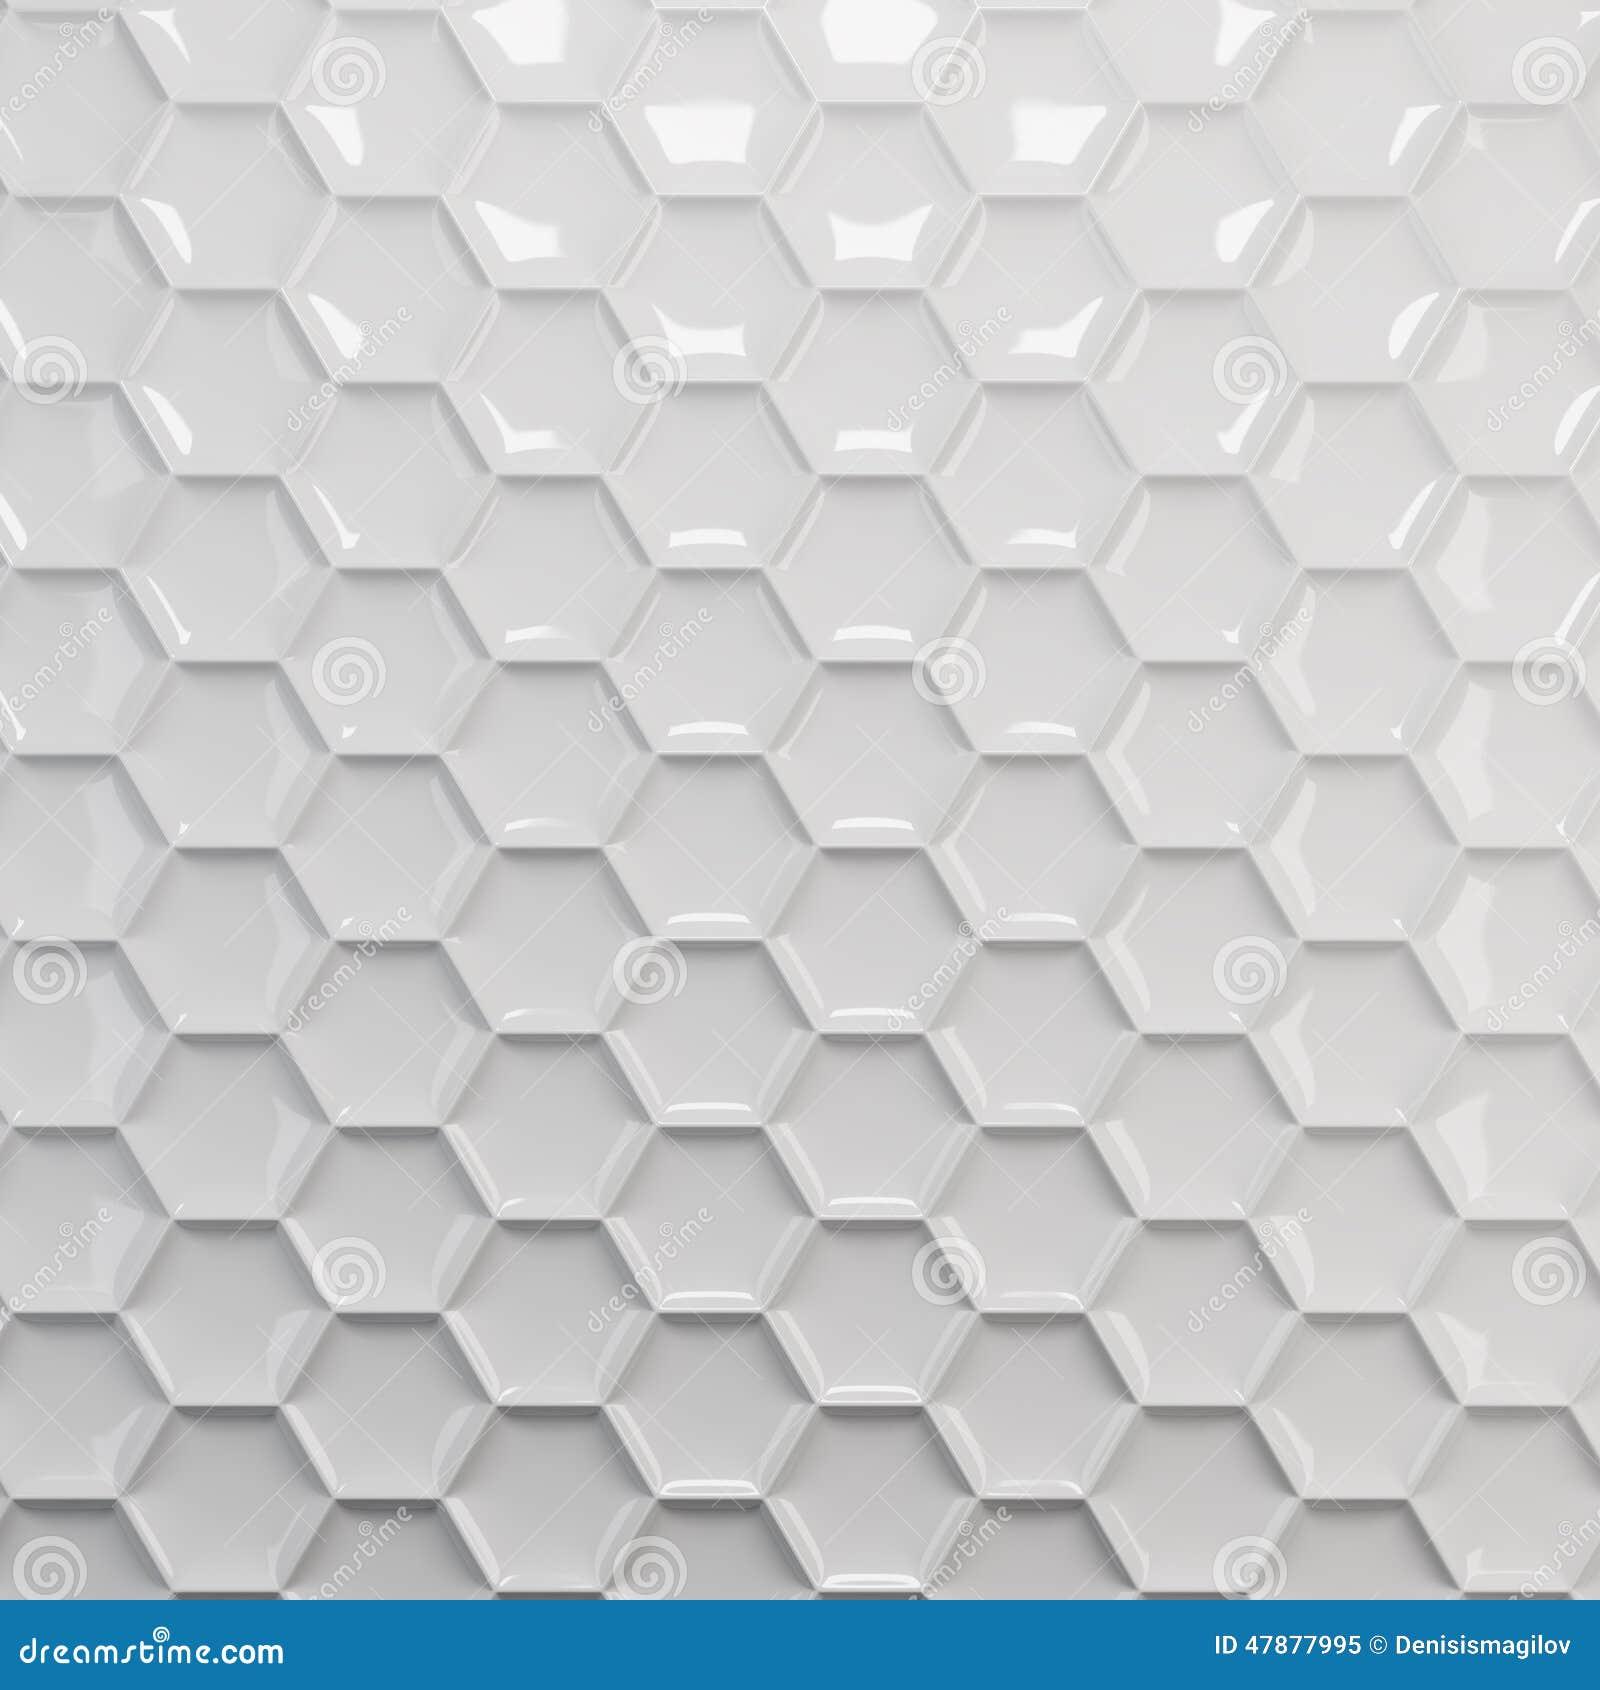 White honeycomb background stock illustration. Image of ...